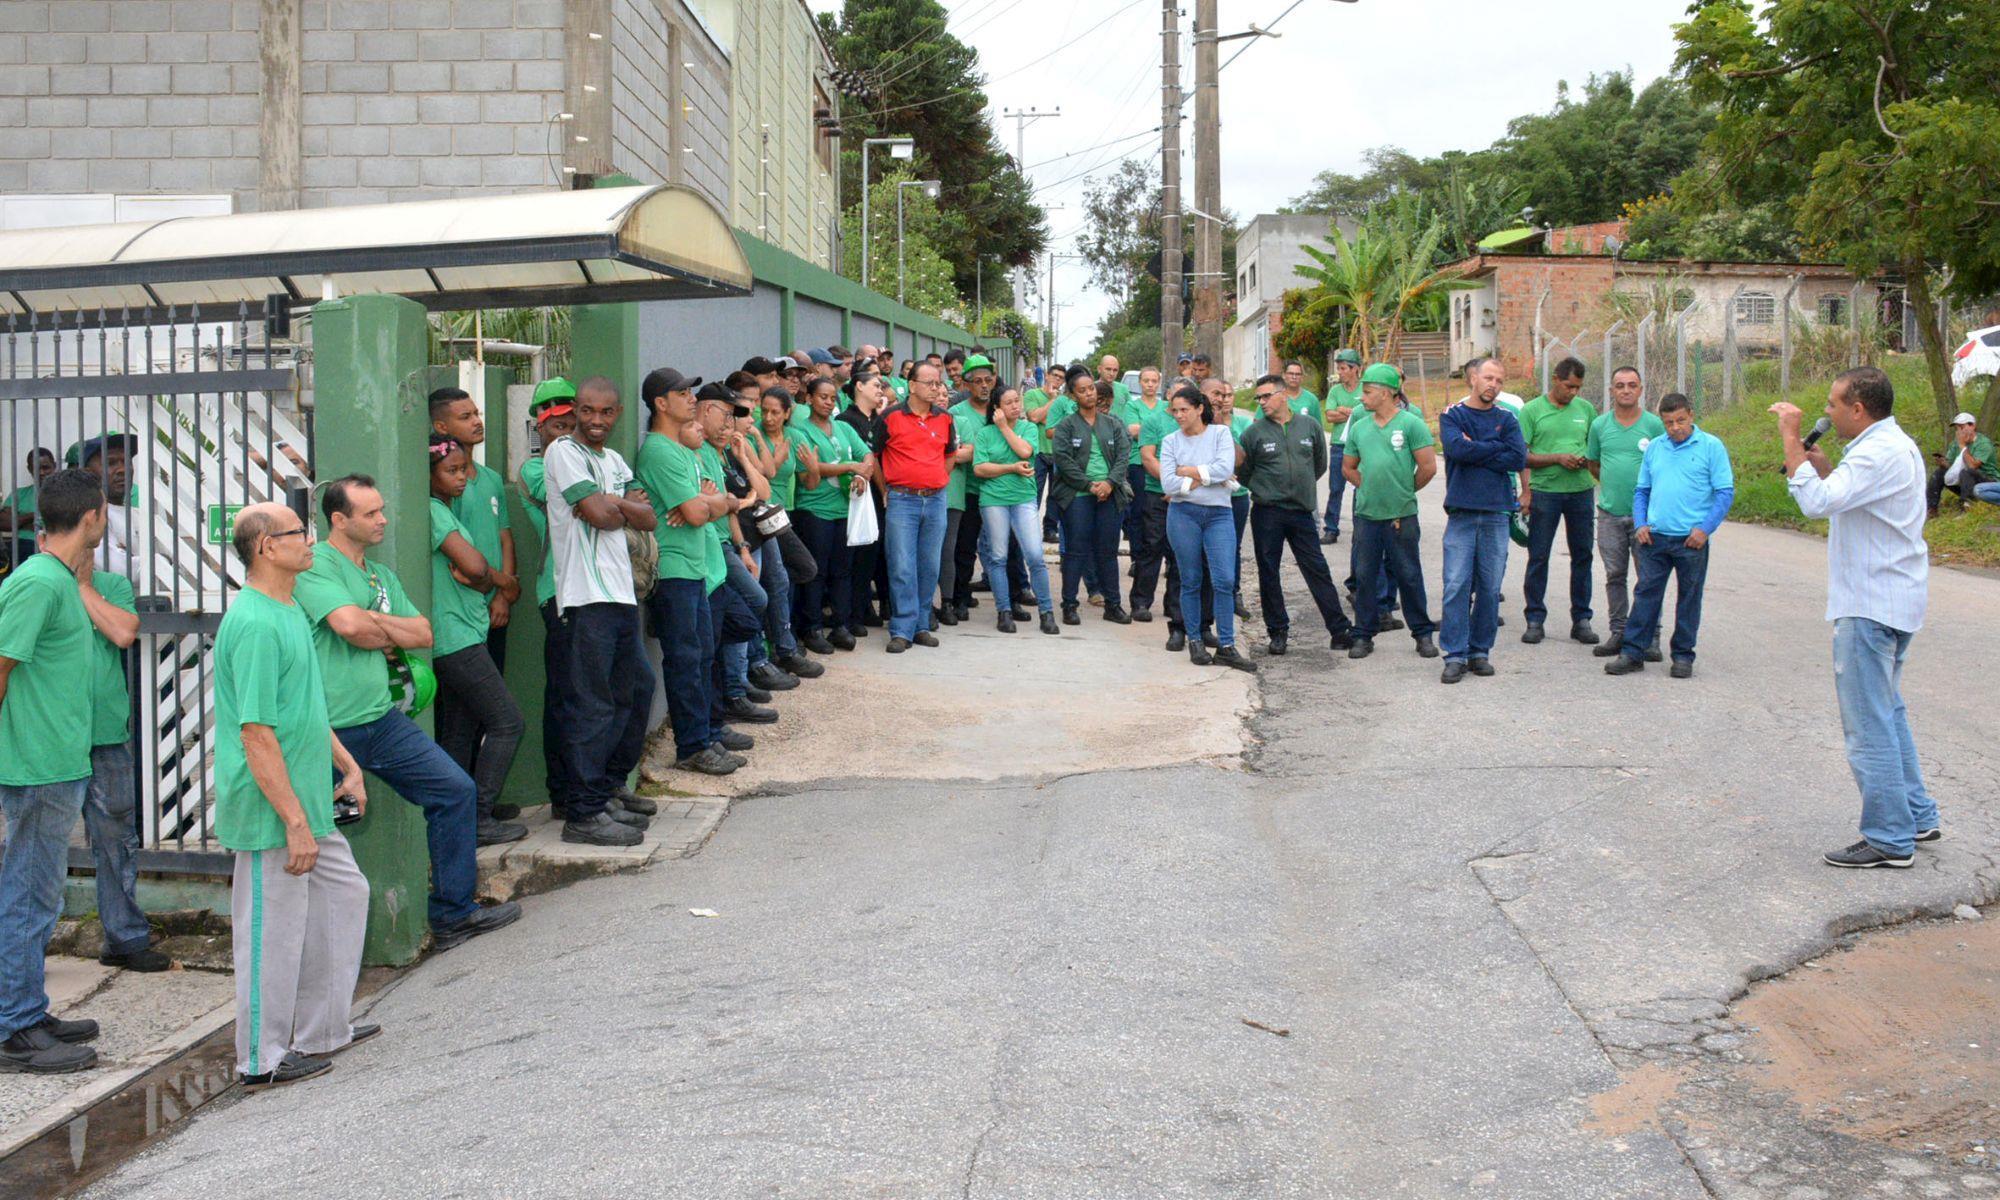 tamboré, sorocaba, assembleia, sindicato, verdinho, Foguinho/Imprensa SMetal